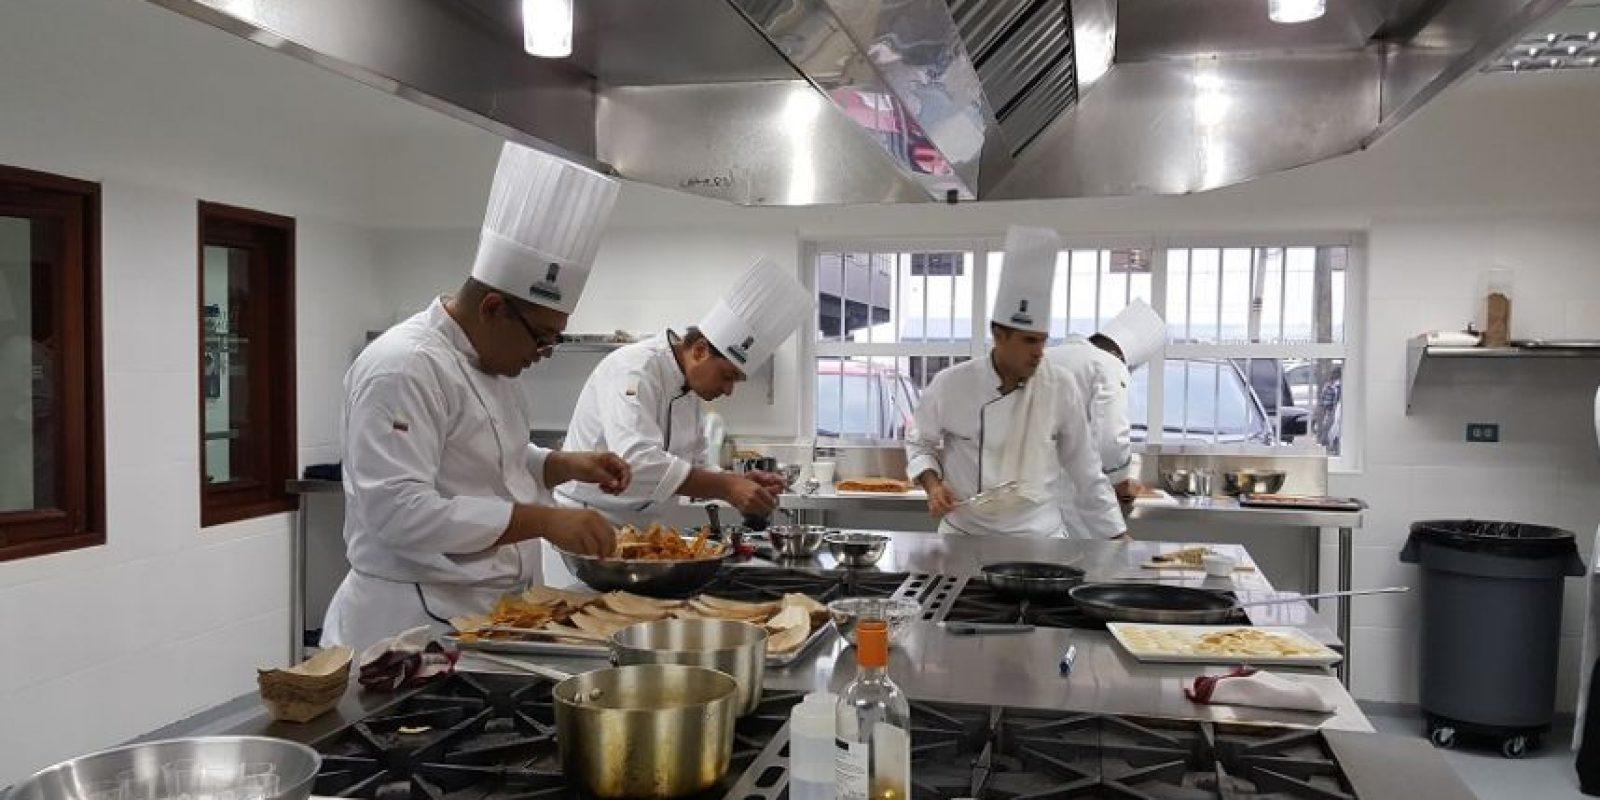 Escuela de gastronoma Mariano Moreno abre sus puertas en